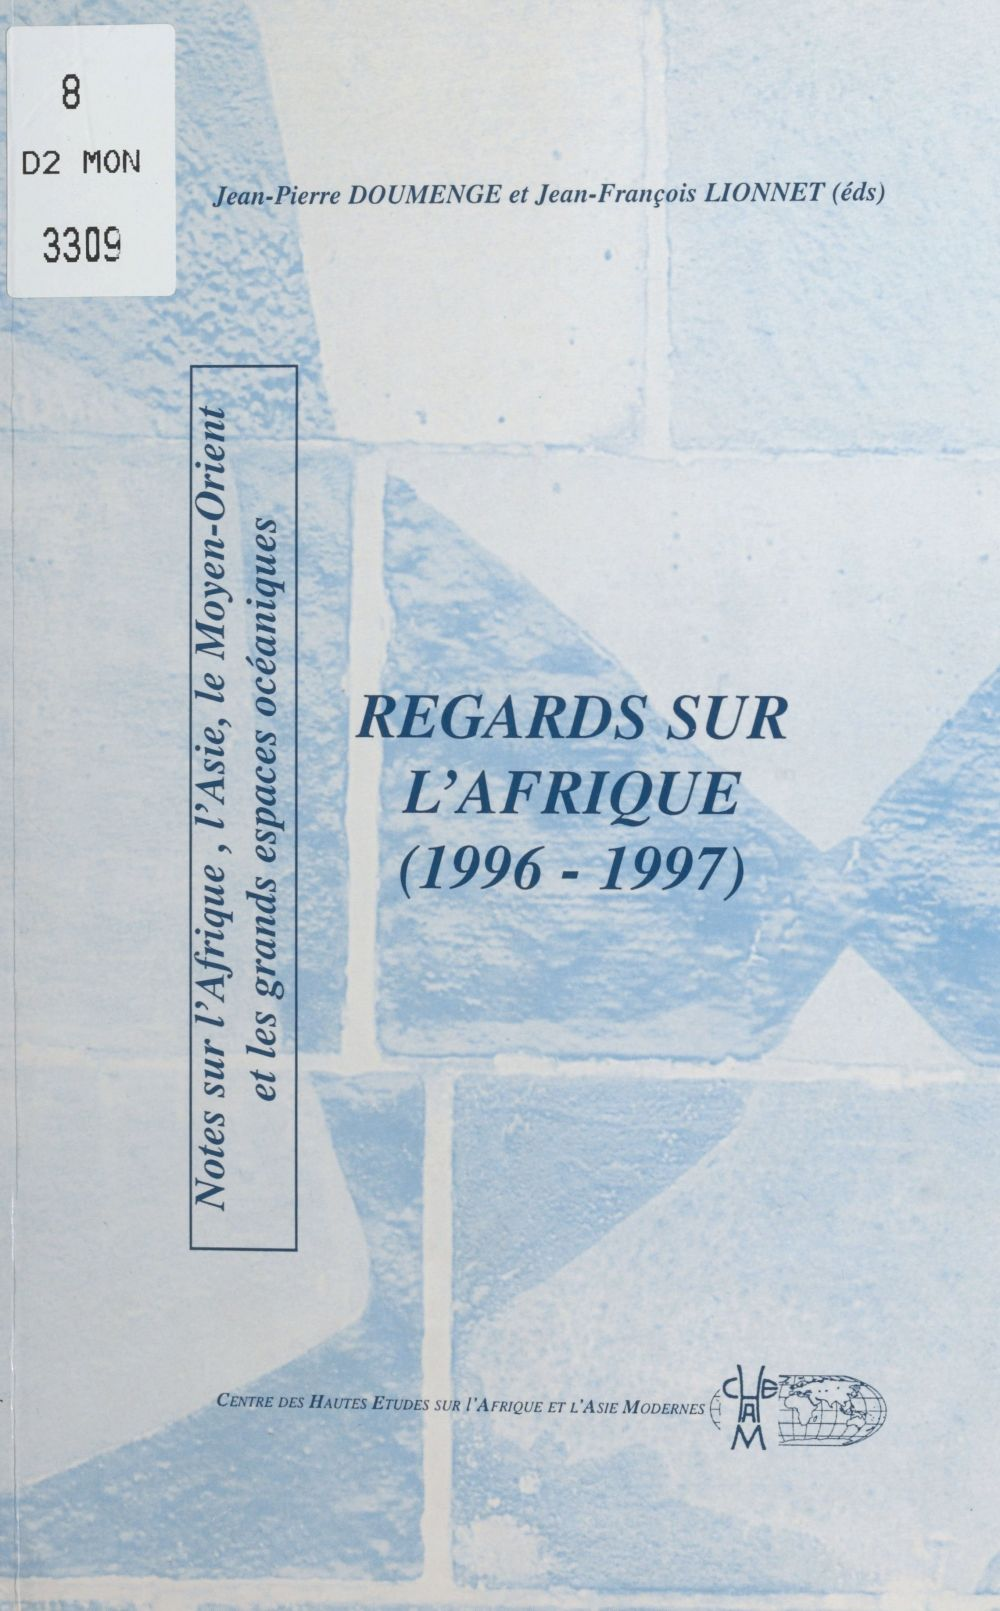 Regards sur l'afrique (1996-1997)